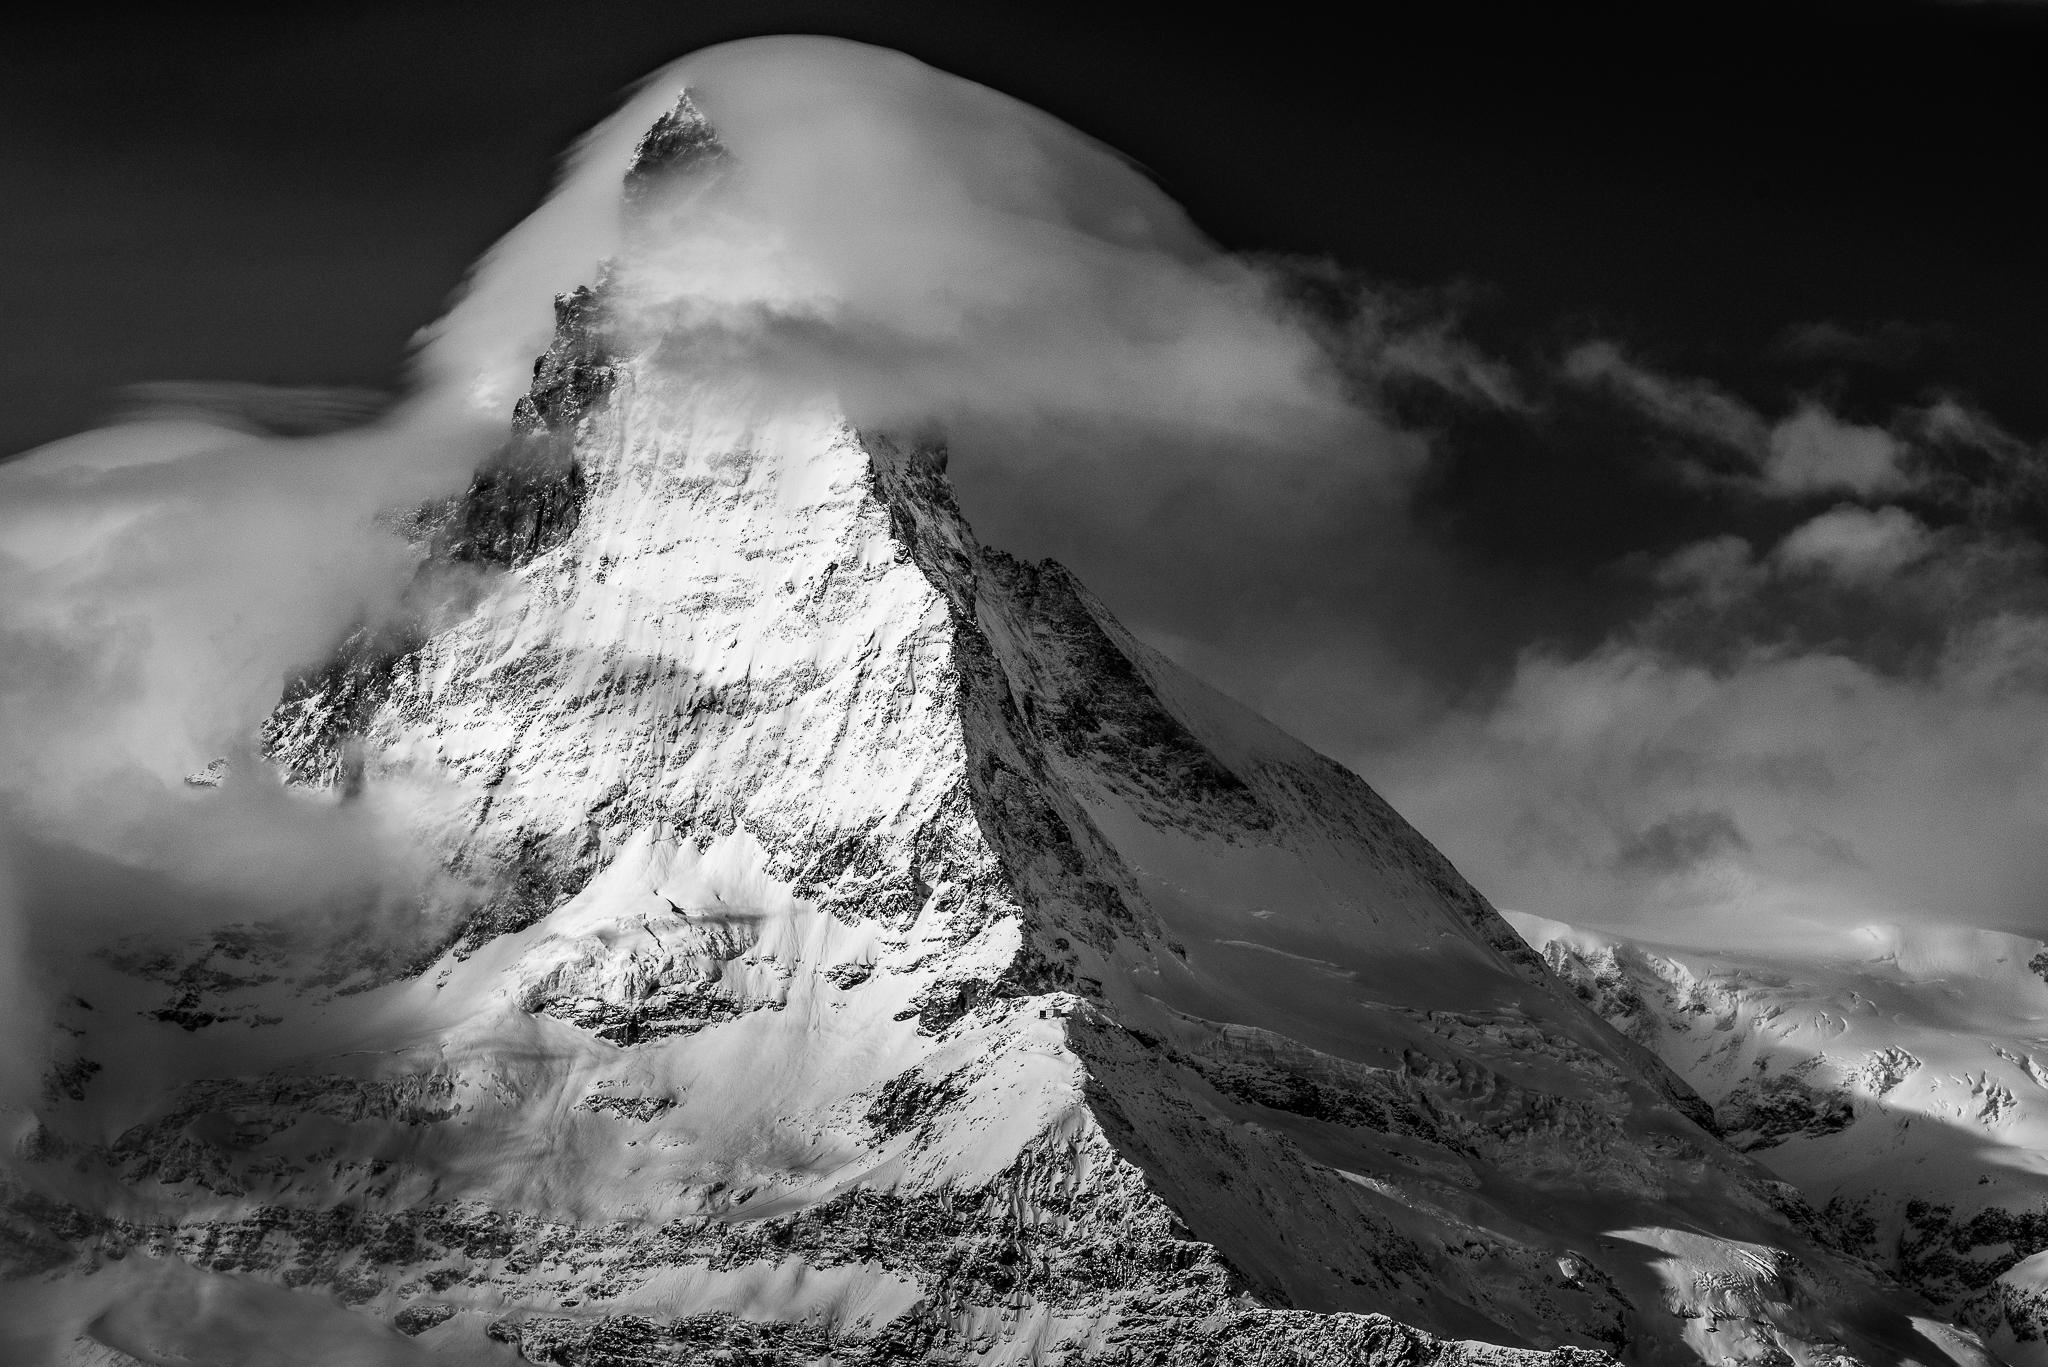 matterhorn-peak_DSC4976-tcrphotos.ch.jpg